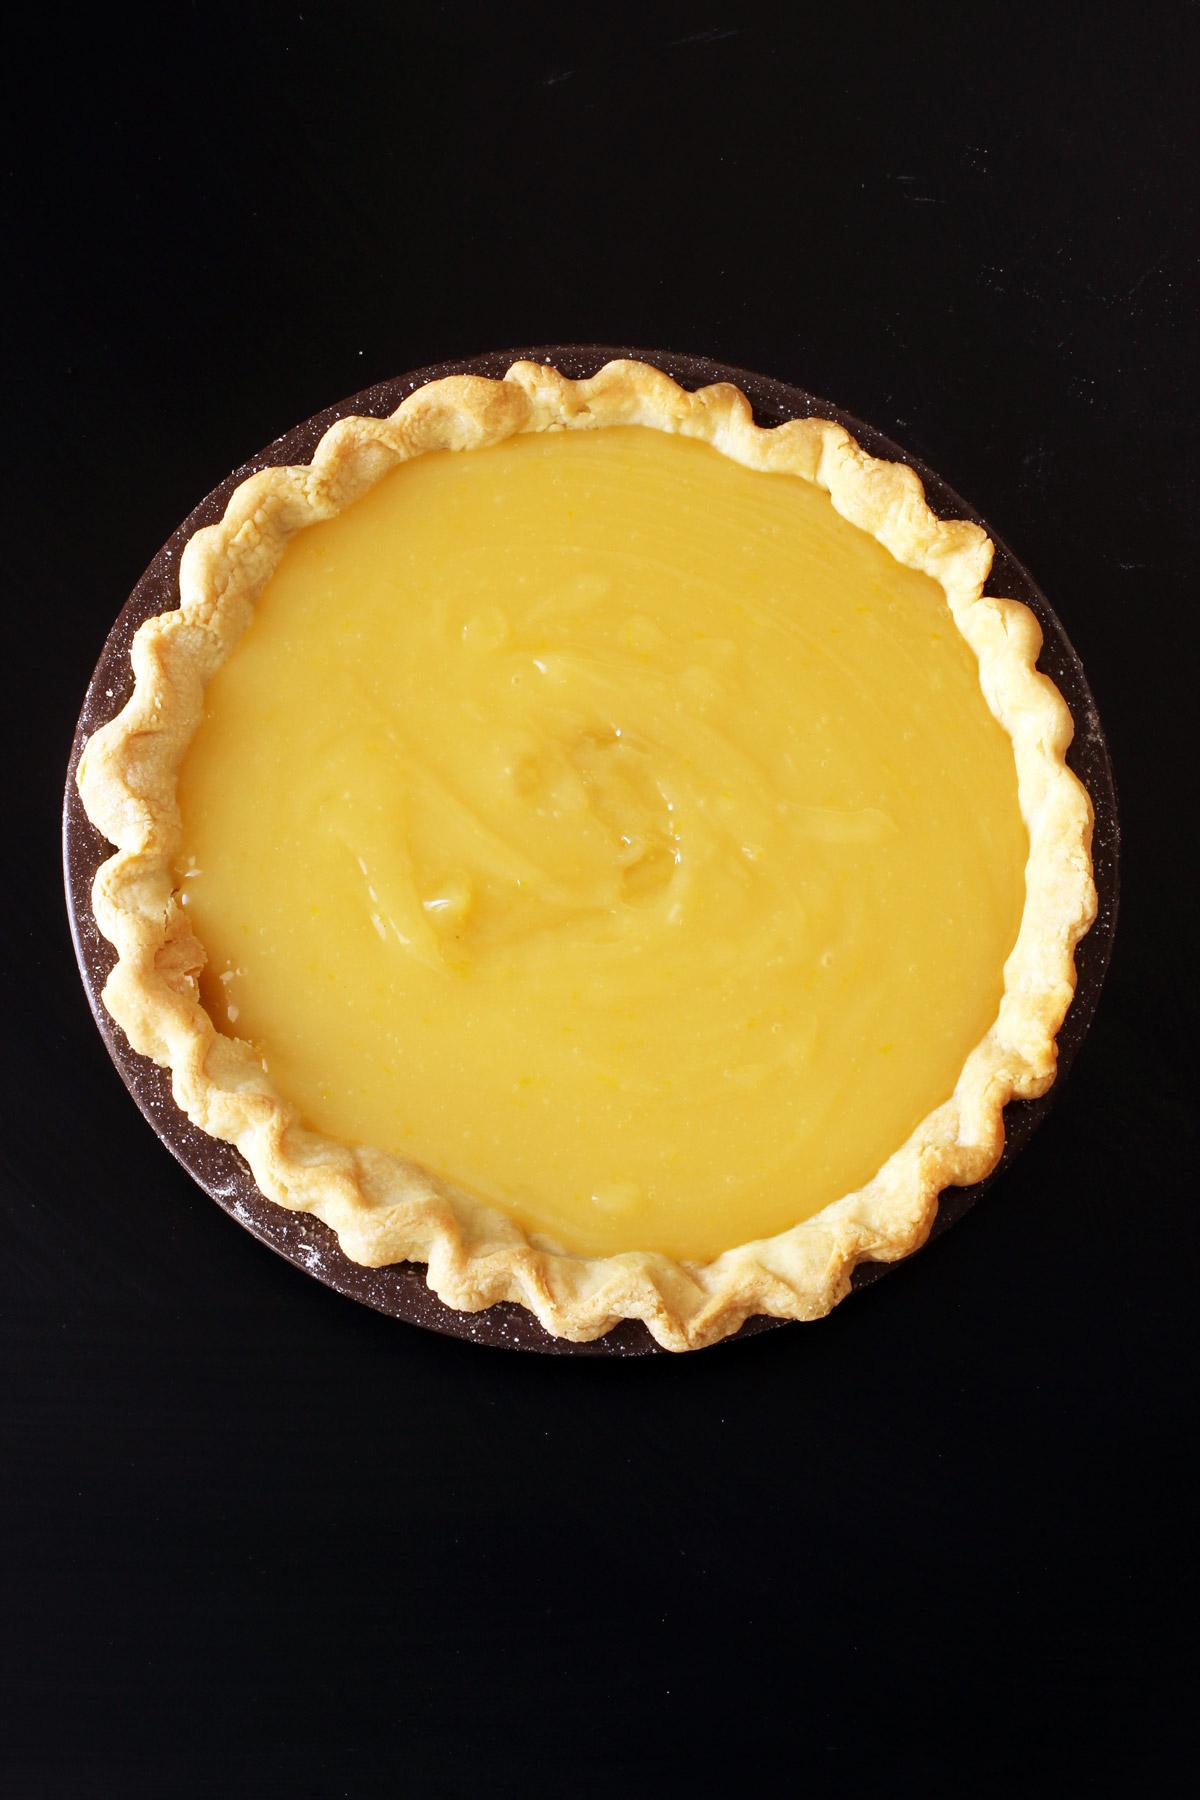 curd in pie crust